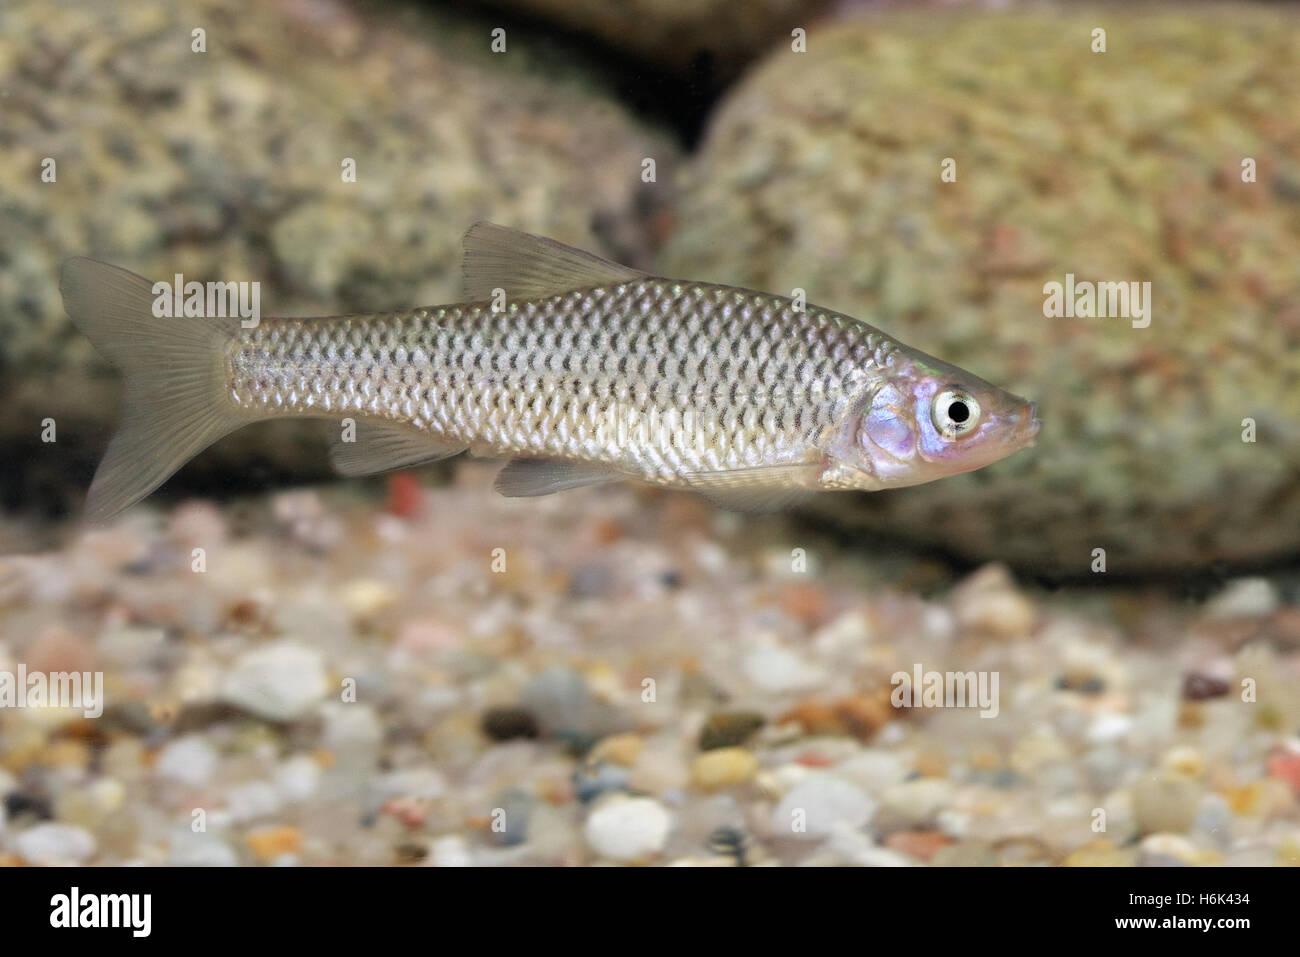 Le stone moroko (Pseudorasbora parva), également connu sous le nom de l'topmouth gudgeon, est un poisson Photo Stock